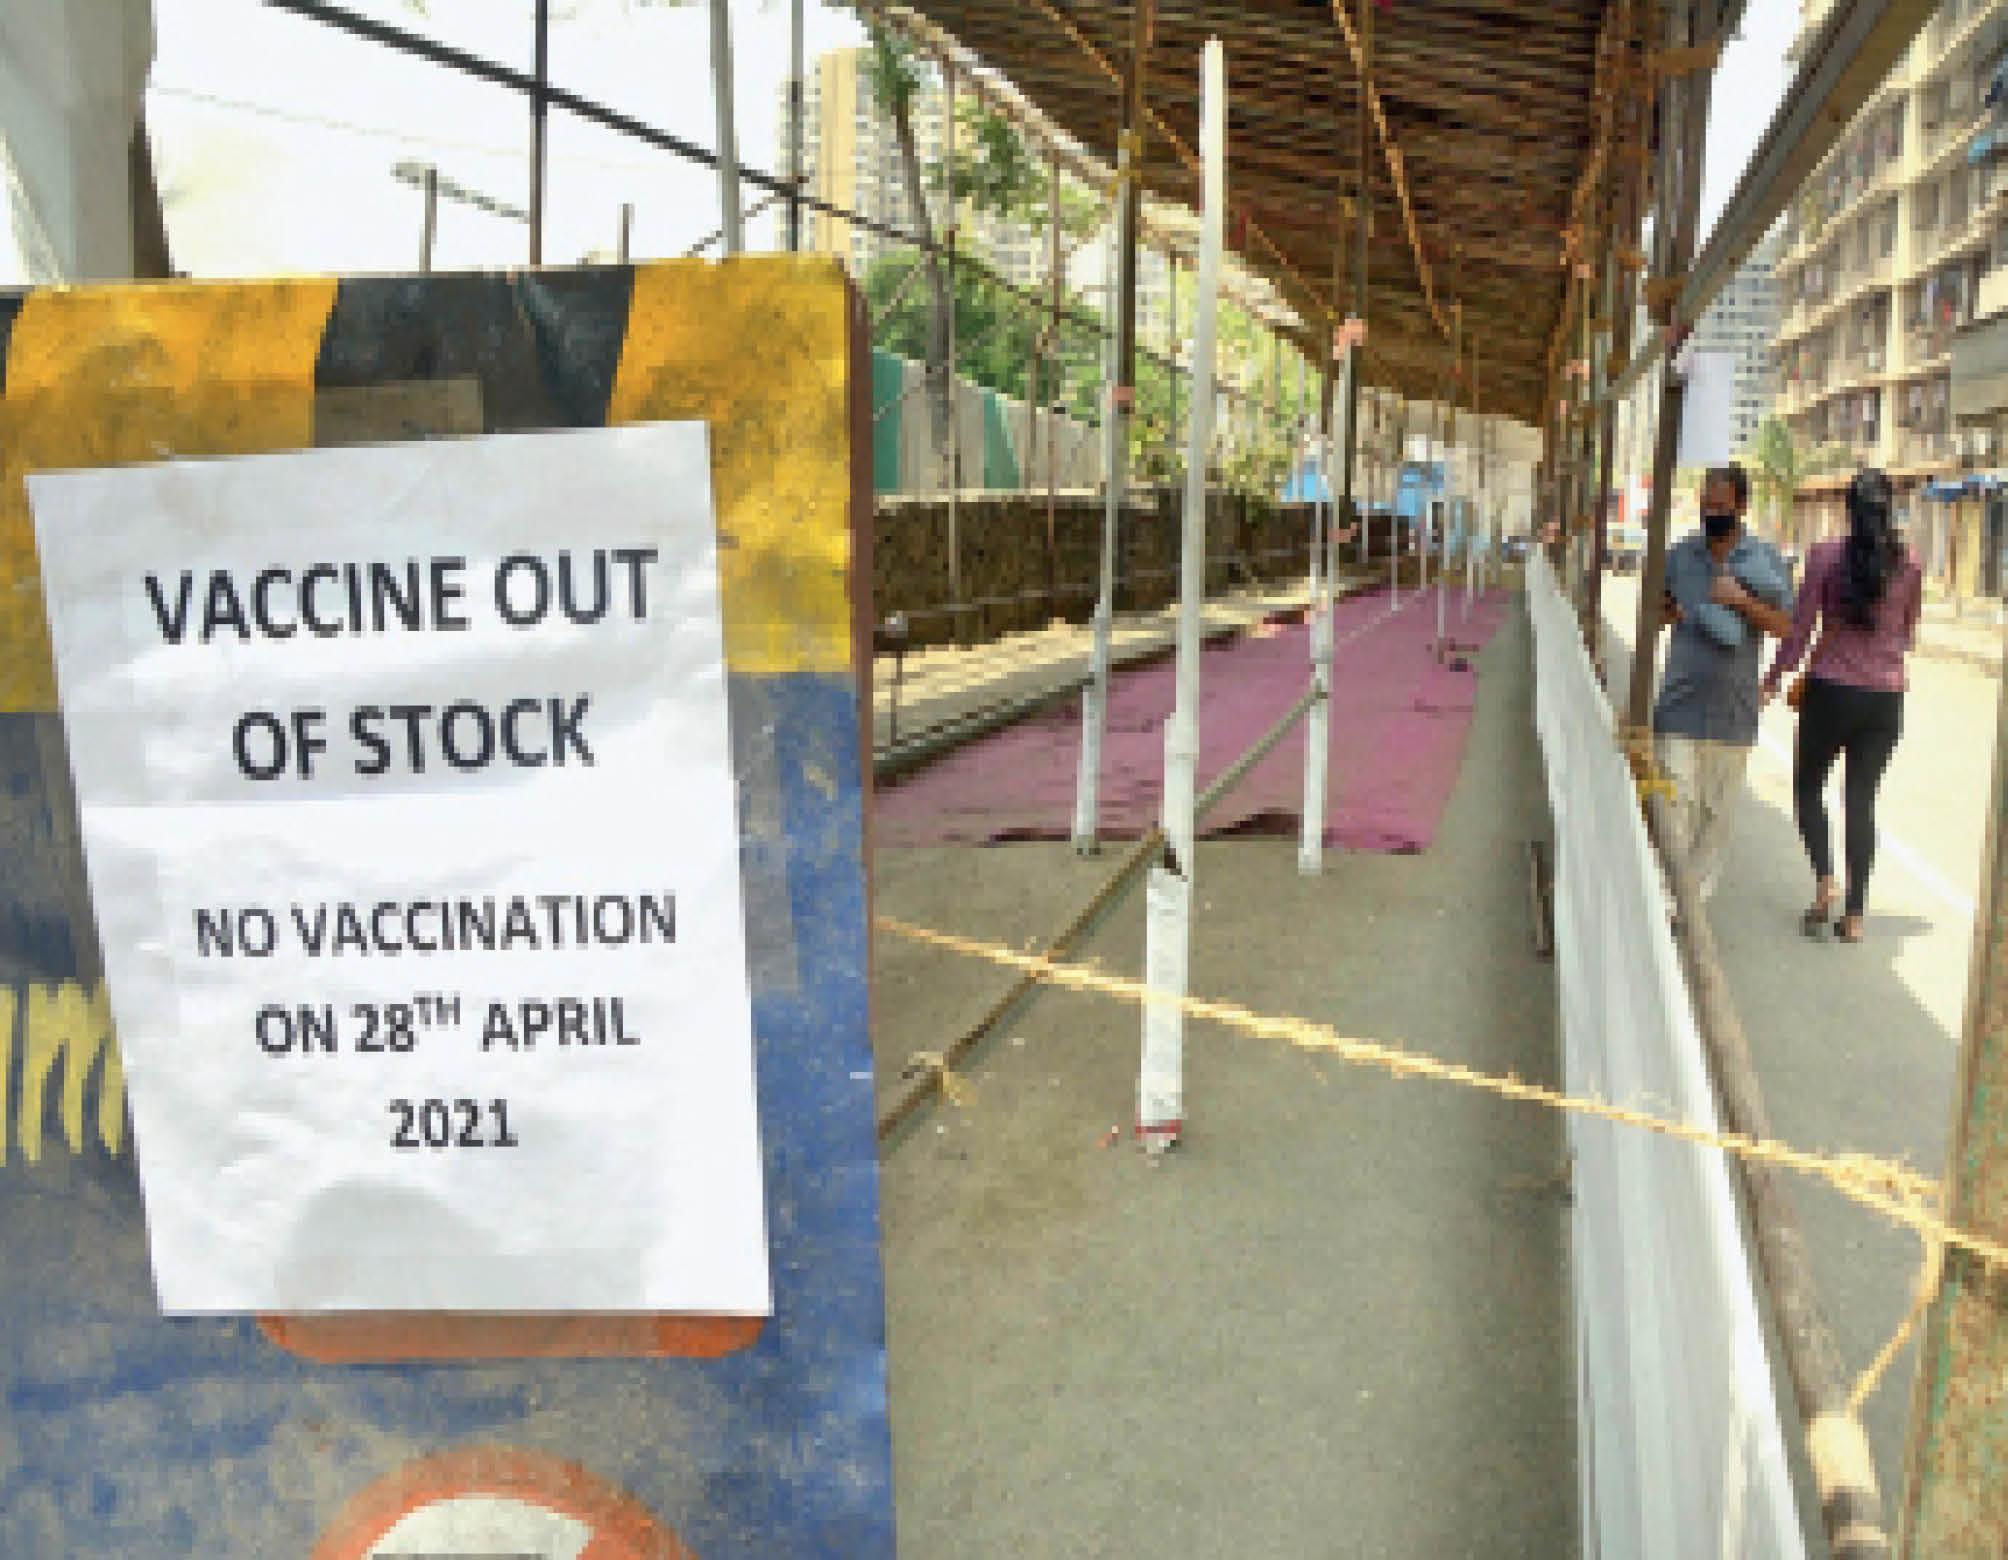 कंपनियों ने खड़े किए हाथ, राज्य में 1 मई से टीका नहीं; कंपनियां 15 मई से पहले नहीं दे पाएंगी सप्लाई|रांची,Ranchi - Dainik Bhaskar